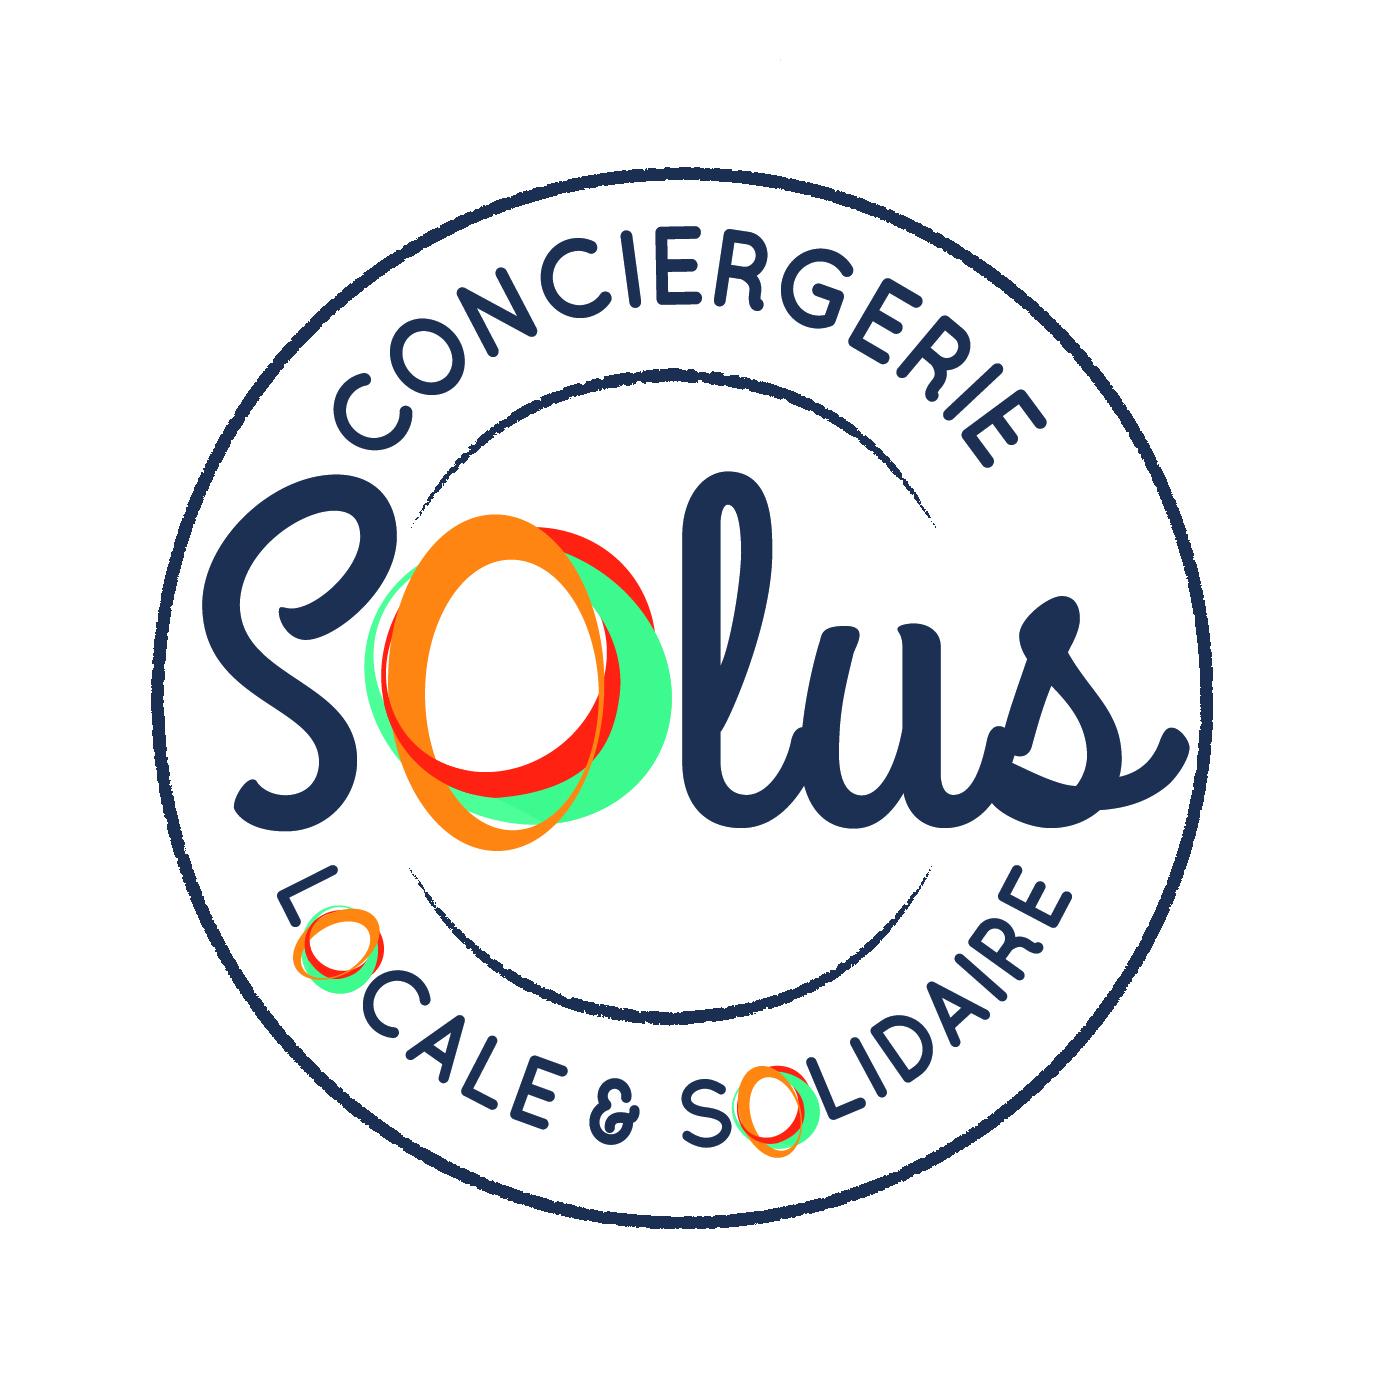 La conciergerie Solus à votre service ! - Innovales